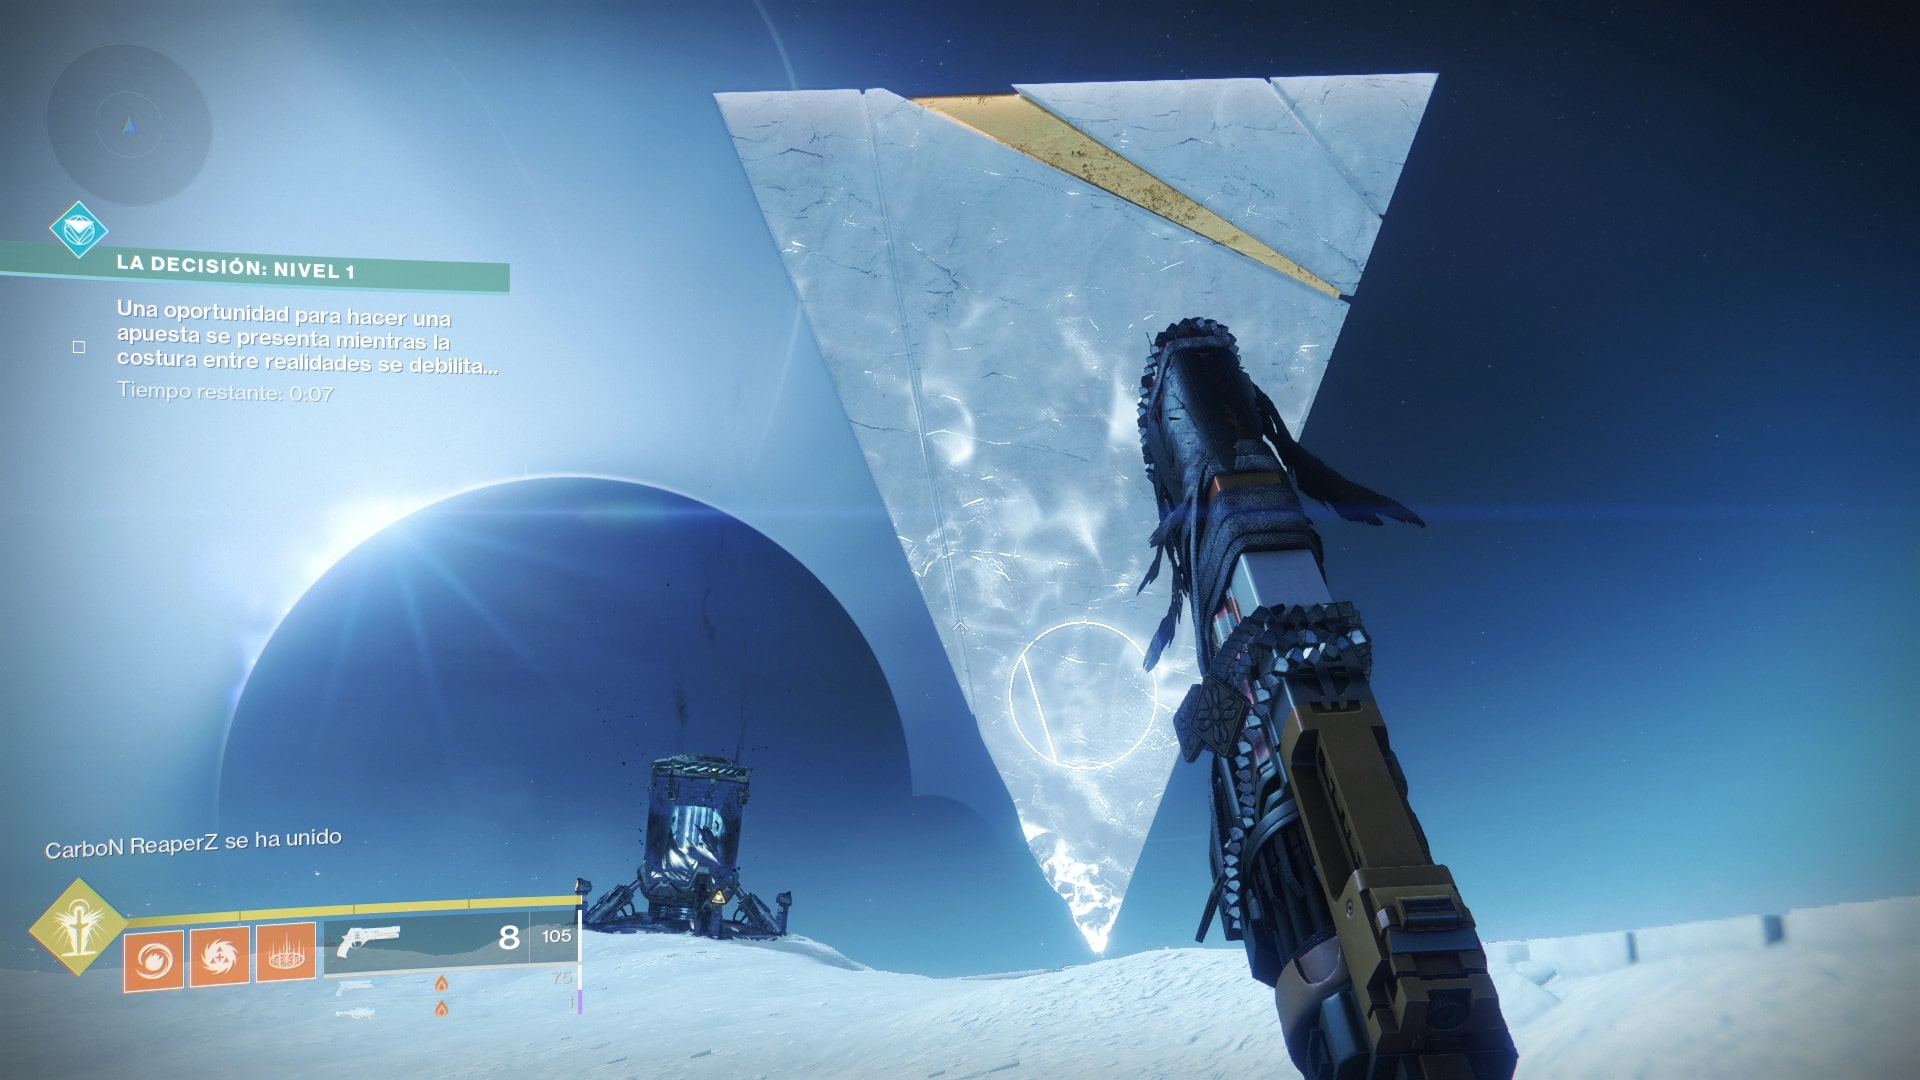 Reporte: Bungie limitará el poder de las armas en Destiny 2